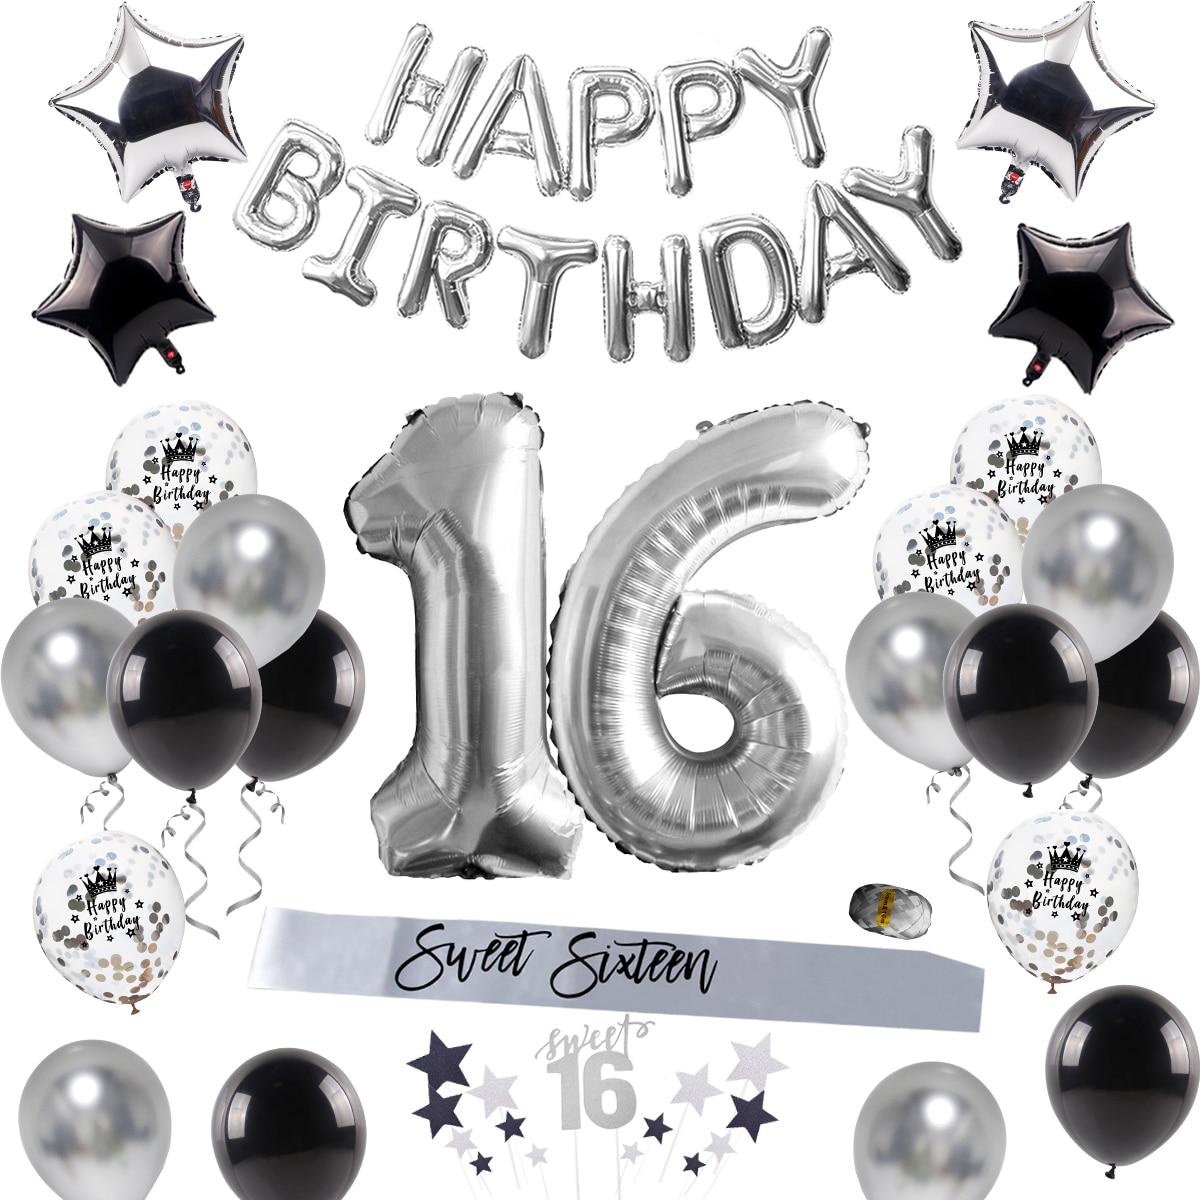 Украшения для вечеринки в честь Дня Рождения для взрослых, одноразовая посуда для 16 дней рождения, воздушный шар, декоративные принадлежнос...